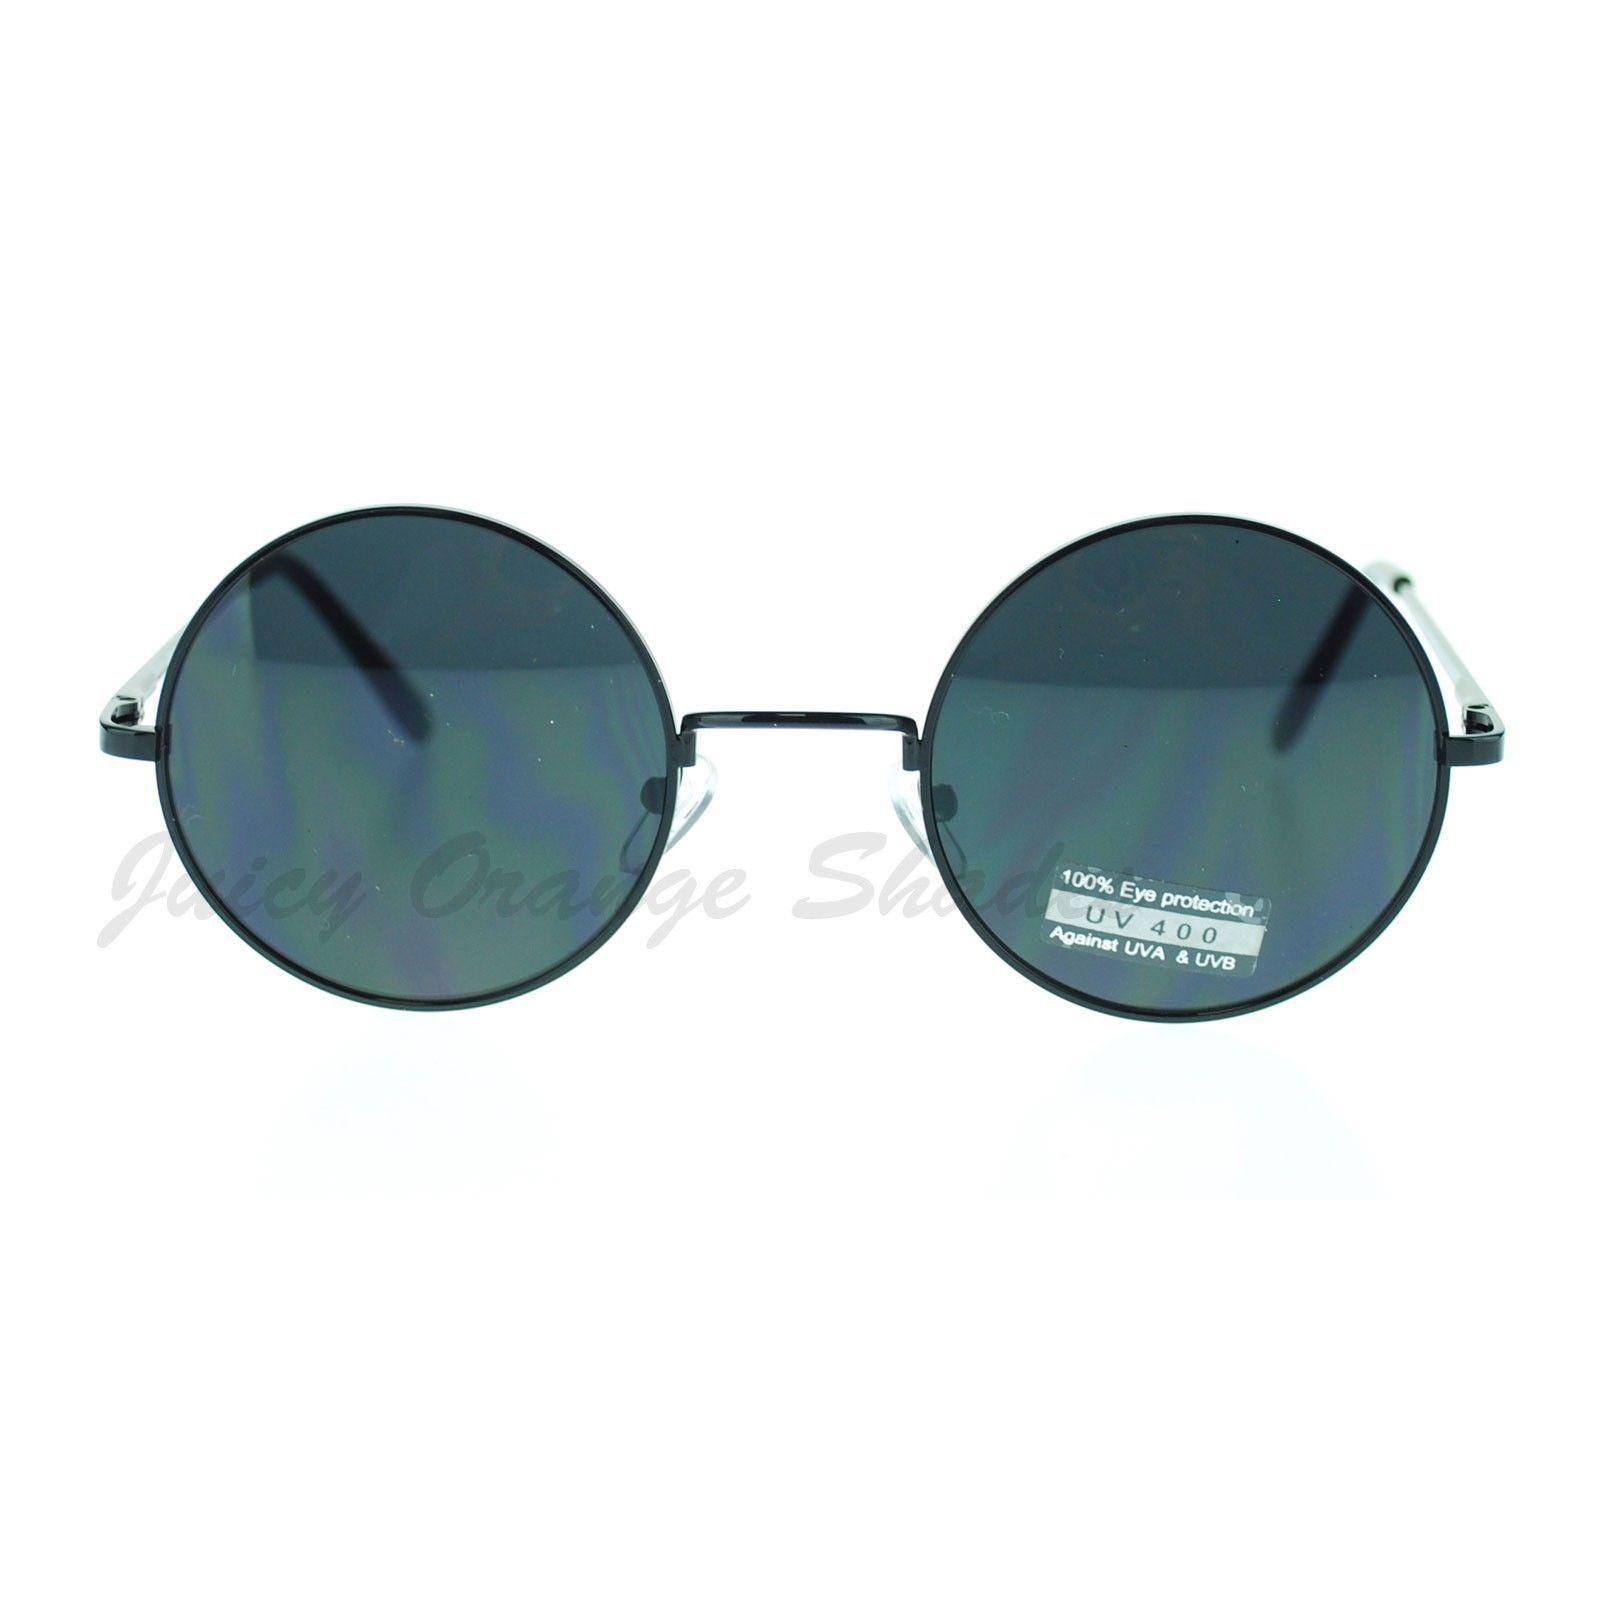 Thin Lite Metal Frame Round Circle Sunglasses Spring Hinge